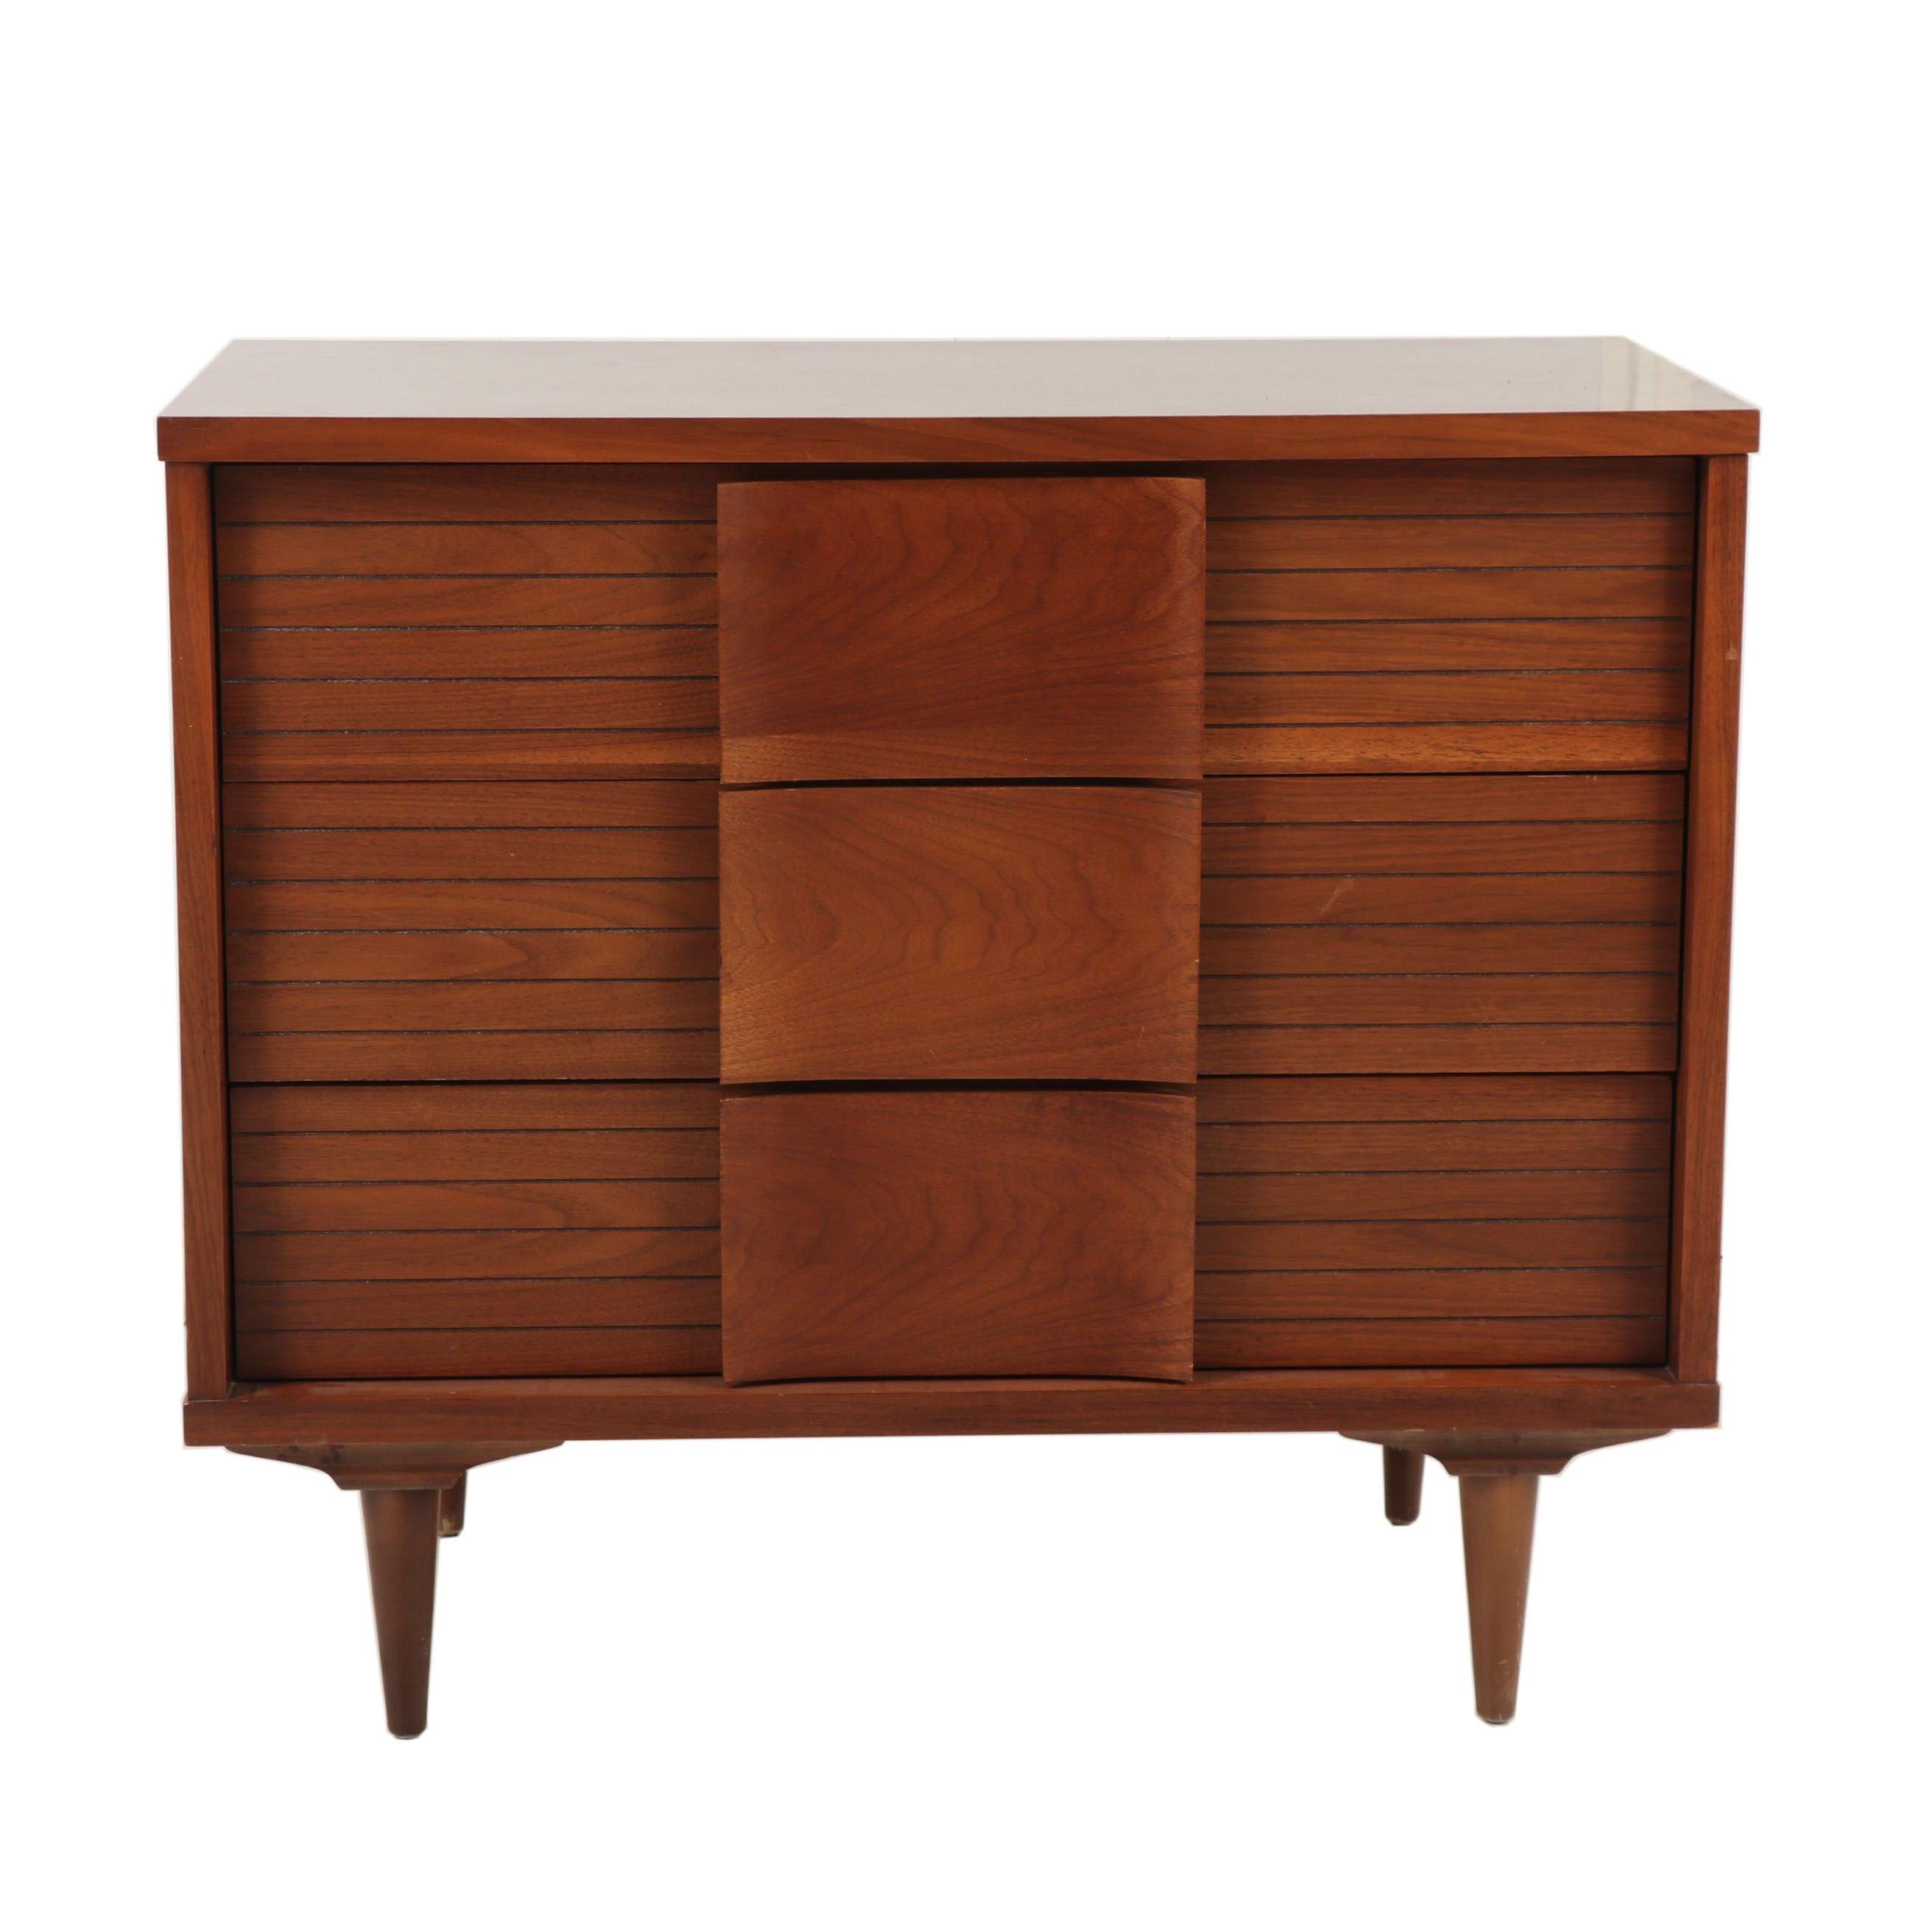 Wooden Three Drawer Chest, Mid Century